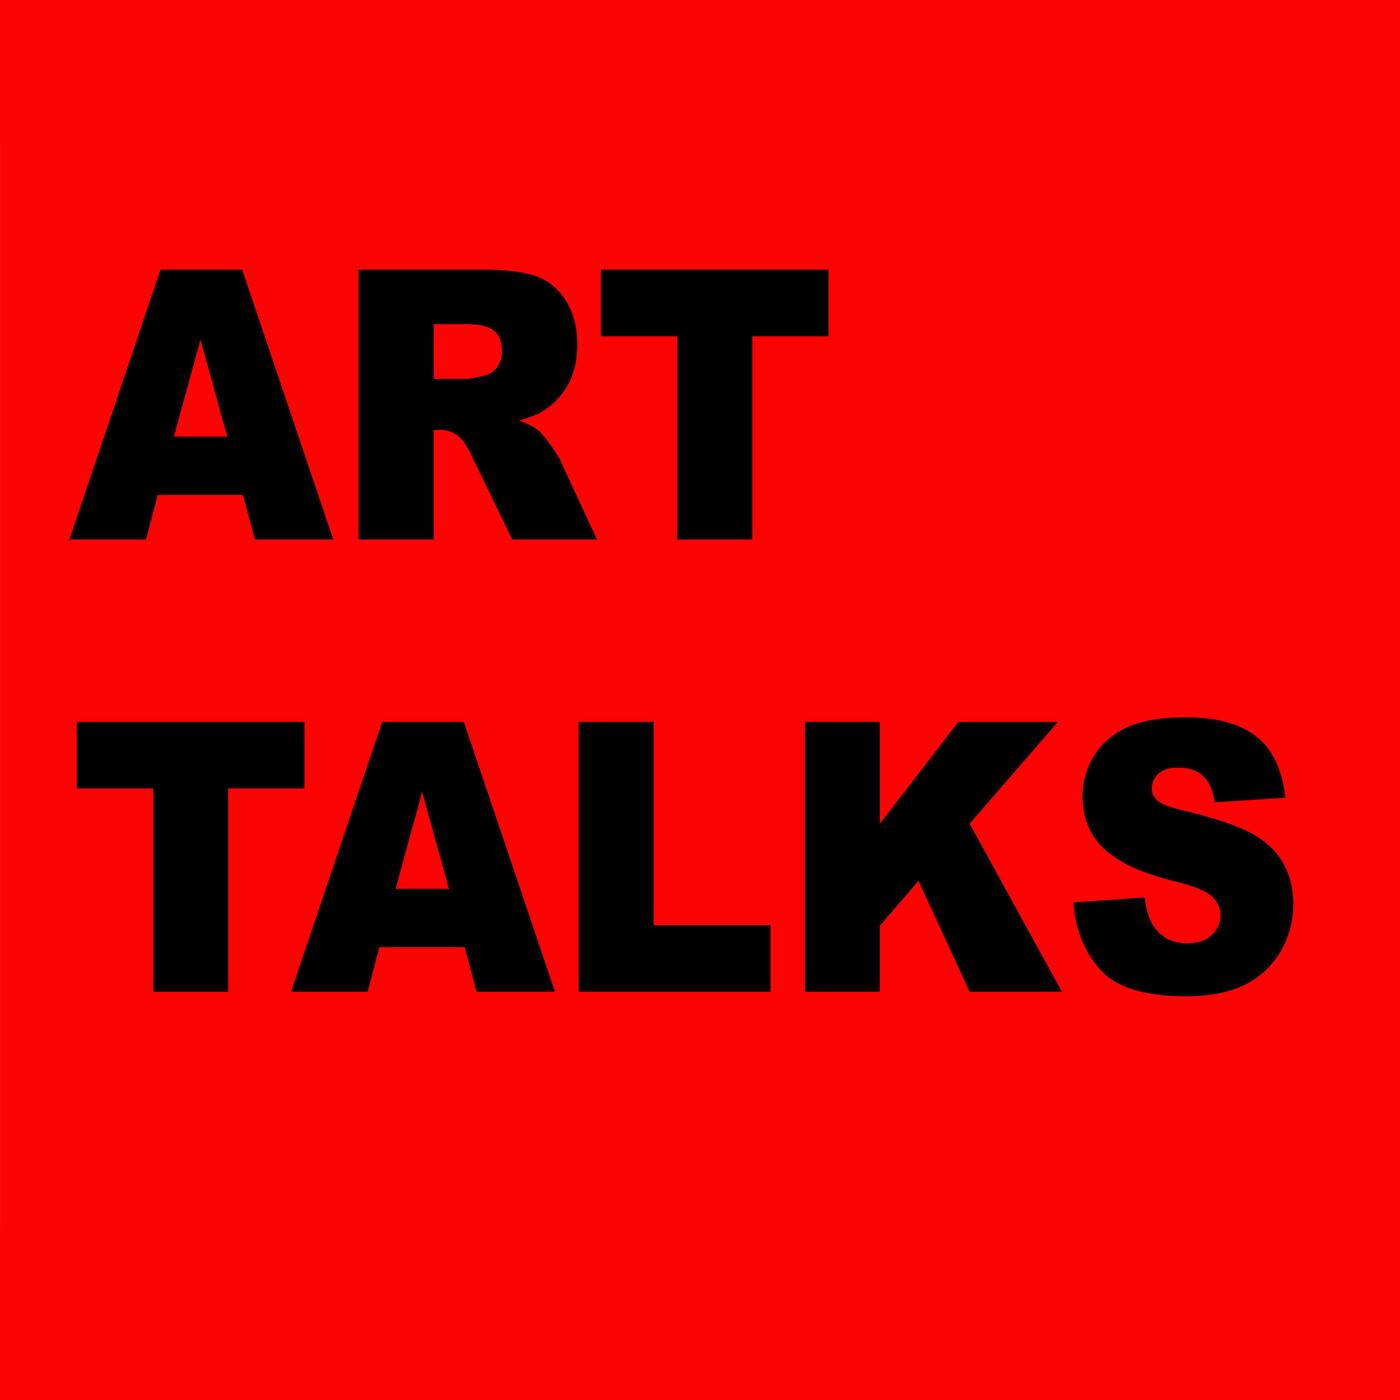 Art talks: Podcast do Paulo Va